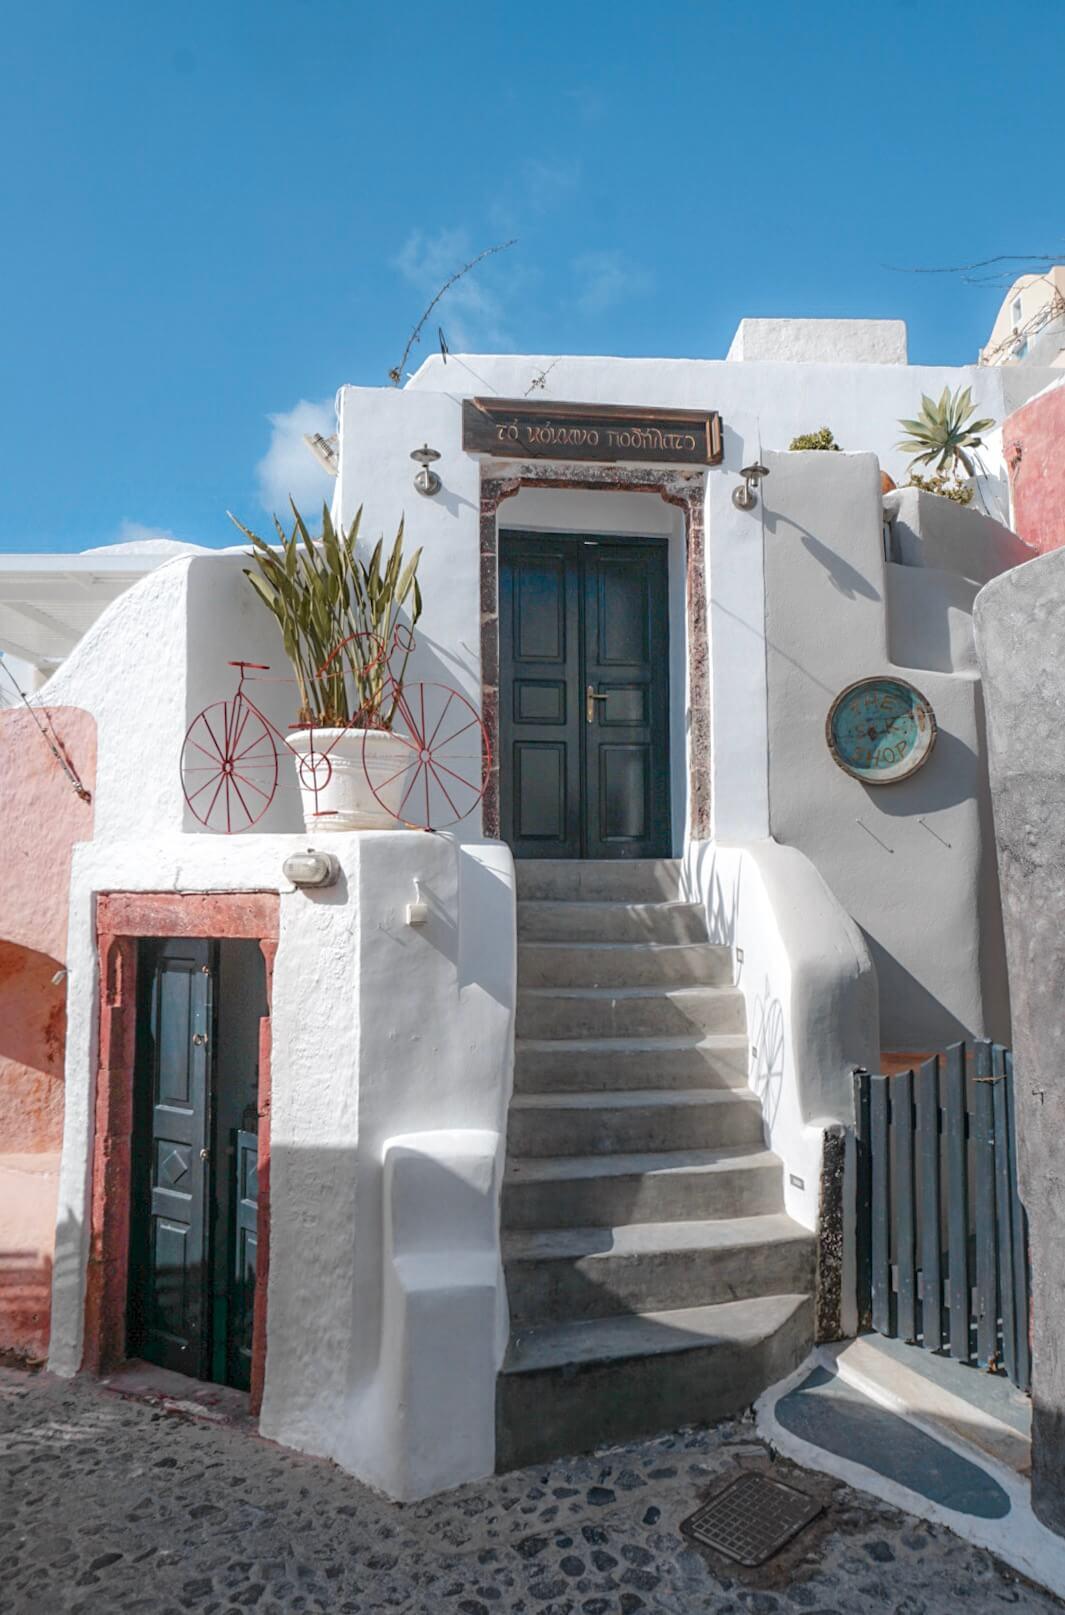 Santorin rue blog voyage